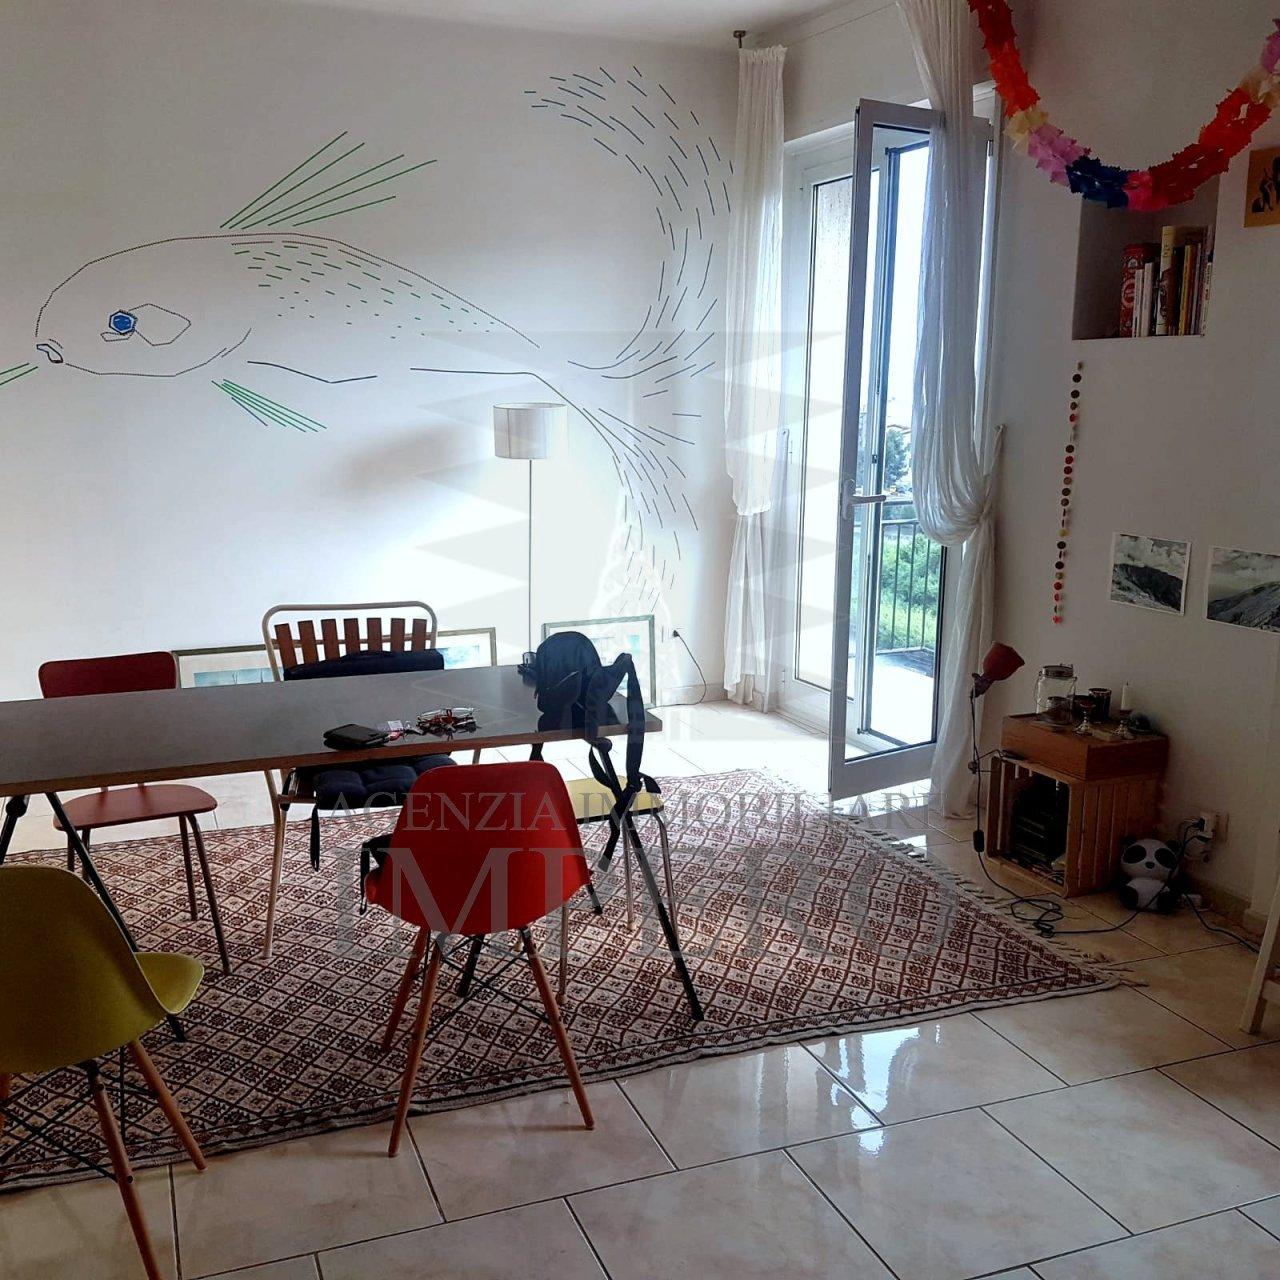 Attico / Mansarda in vendita a Ventimiglia, 5 locali, prezzo € 300.000 | PortaleAgenzieImmobiliari.it